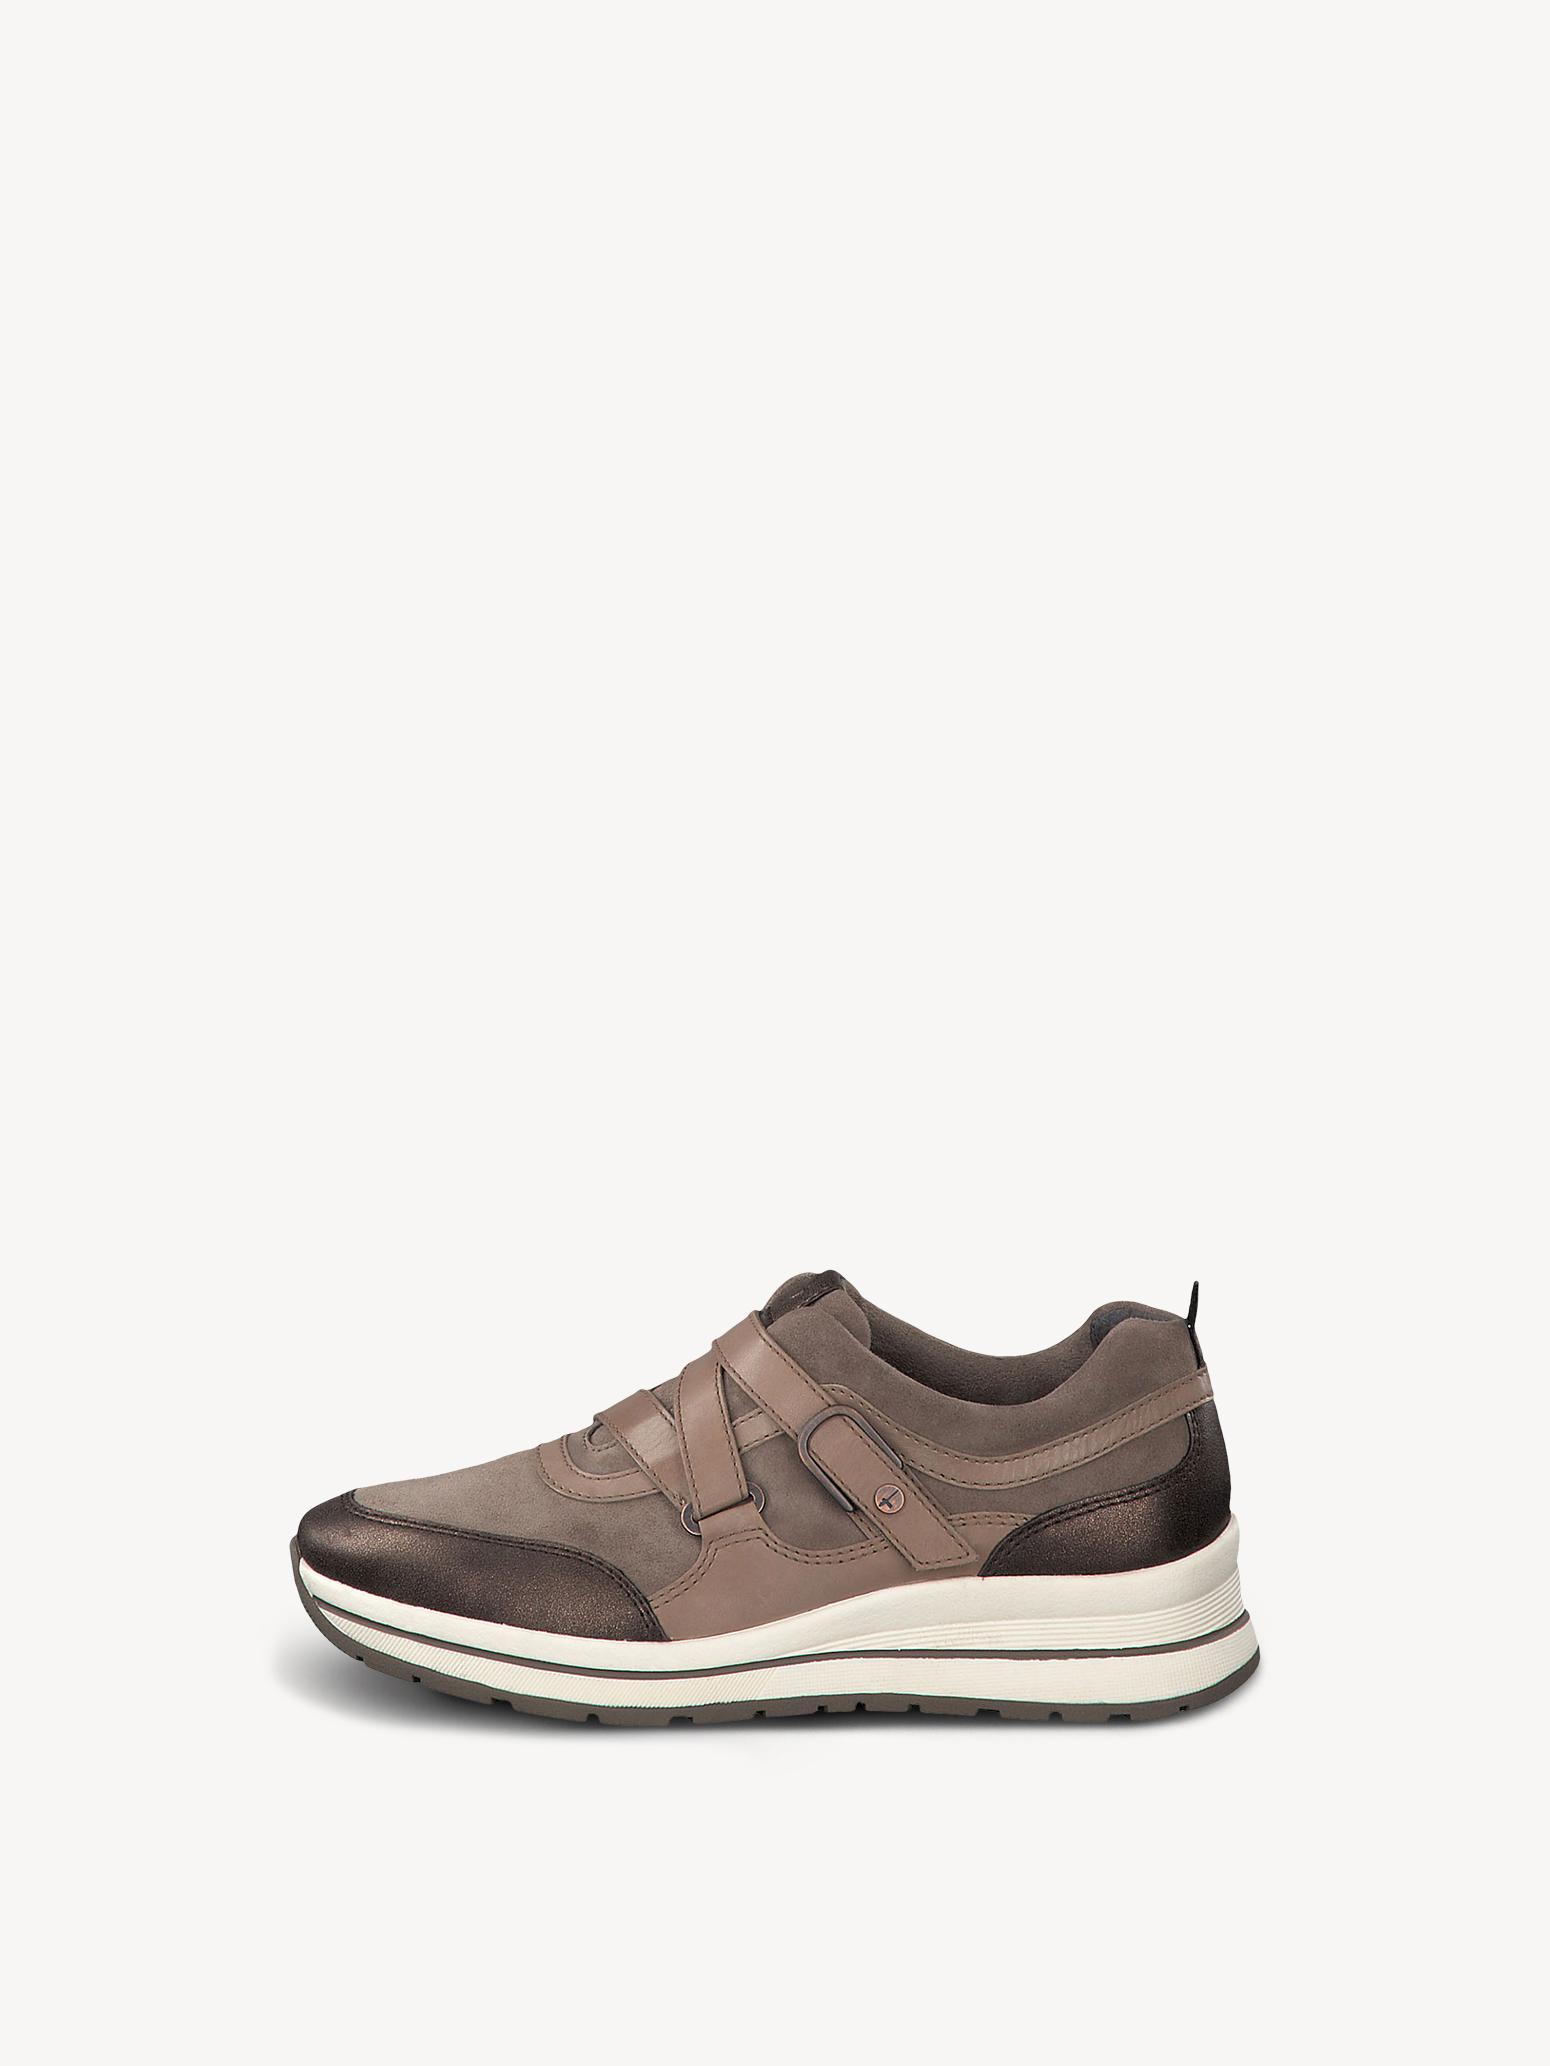 1 Kaufen 33Tamaris 24700 Ledersneaker 1 Sneaker Online QrdCxBhst